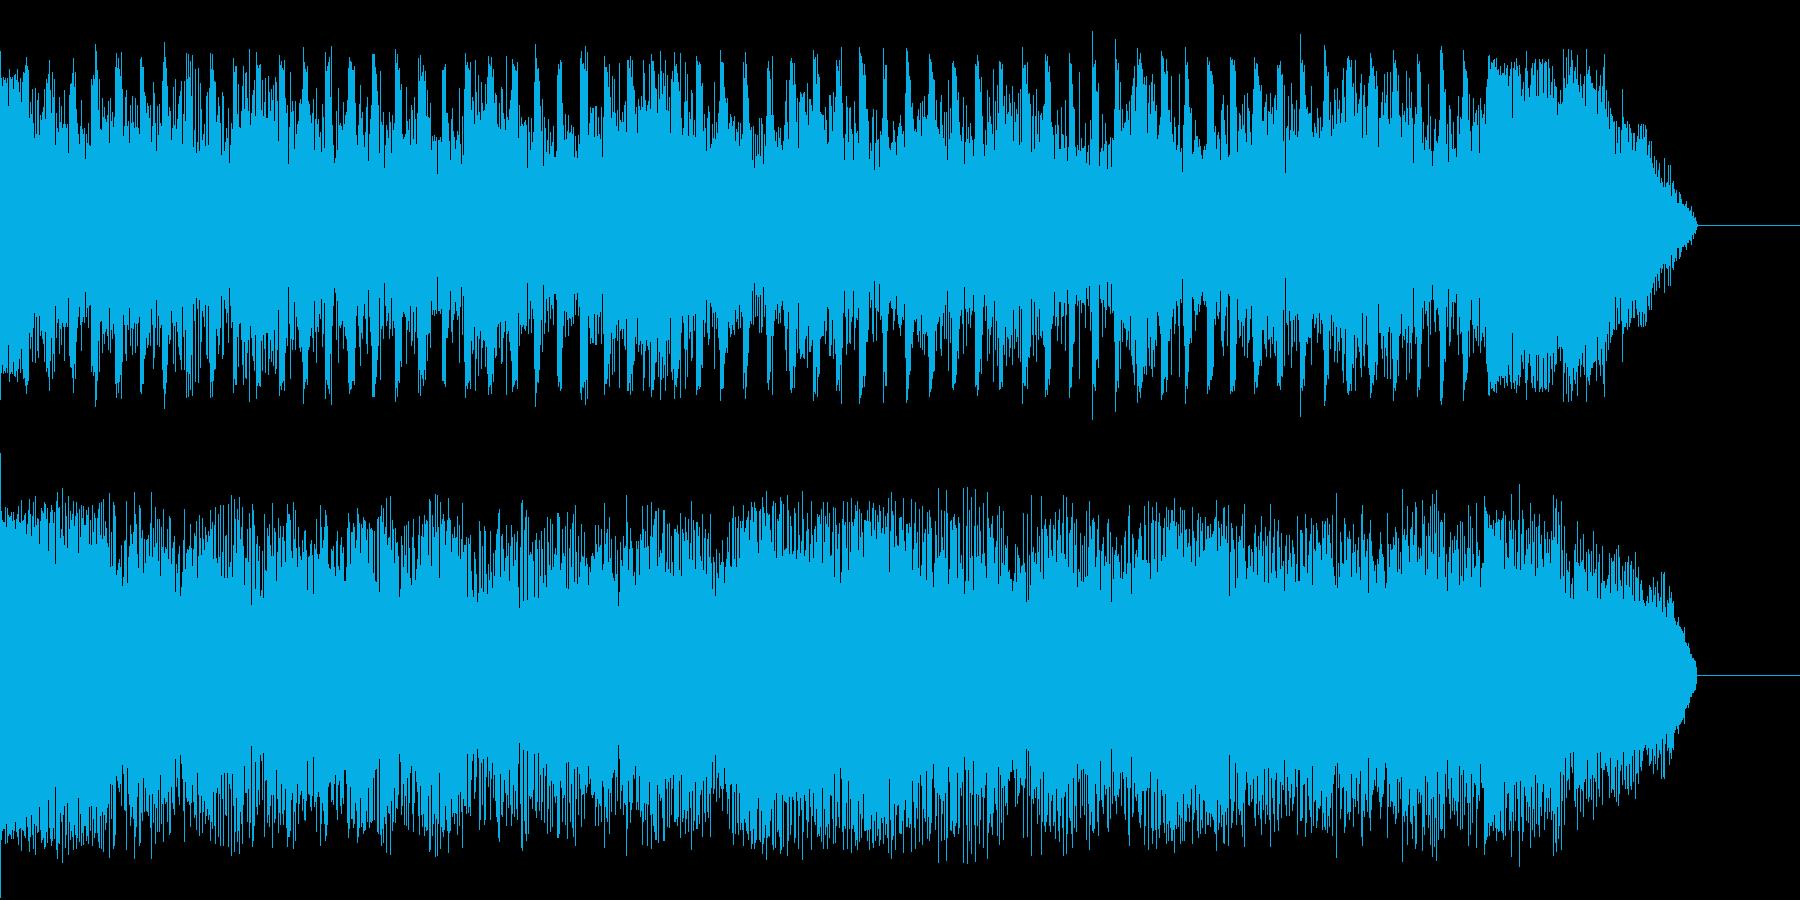 深夜0時頃に似合うジングルの再生済みの波形